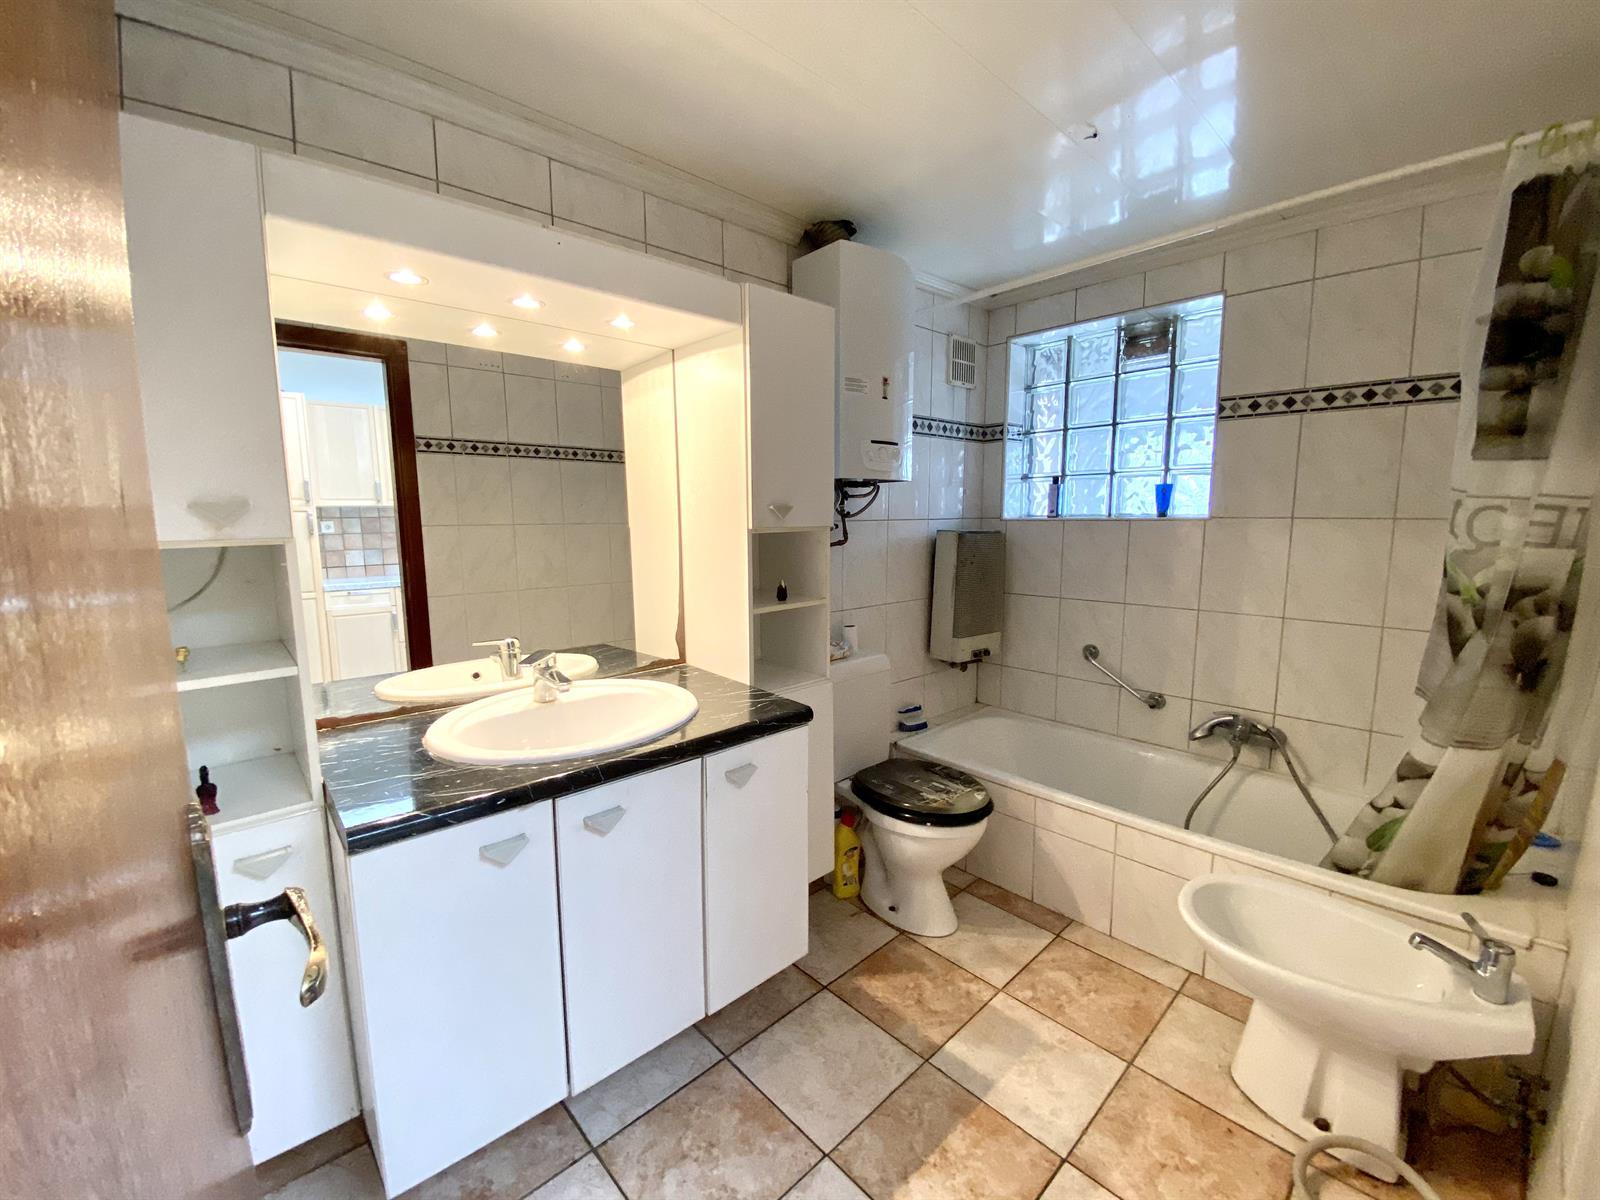 House - Jemeppe-sur-Meuse - #4312091-9